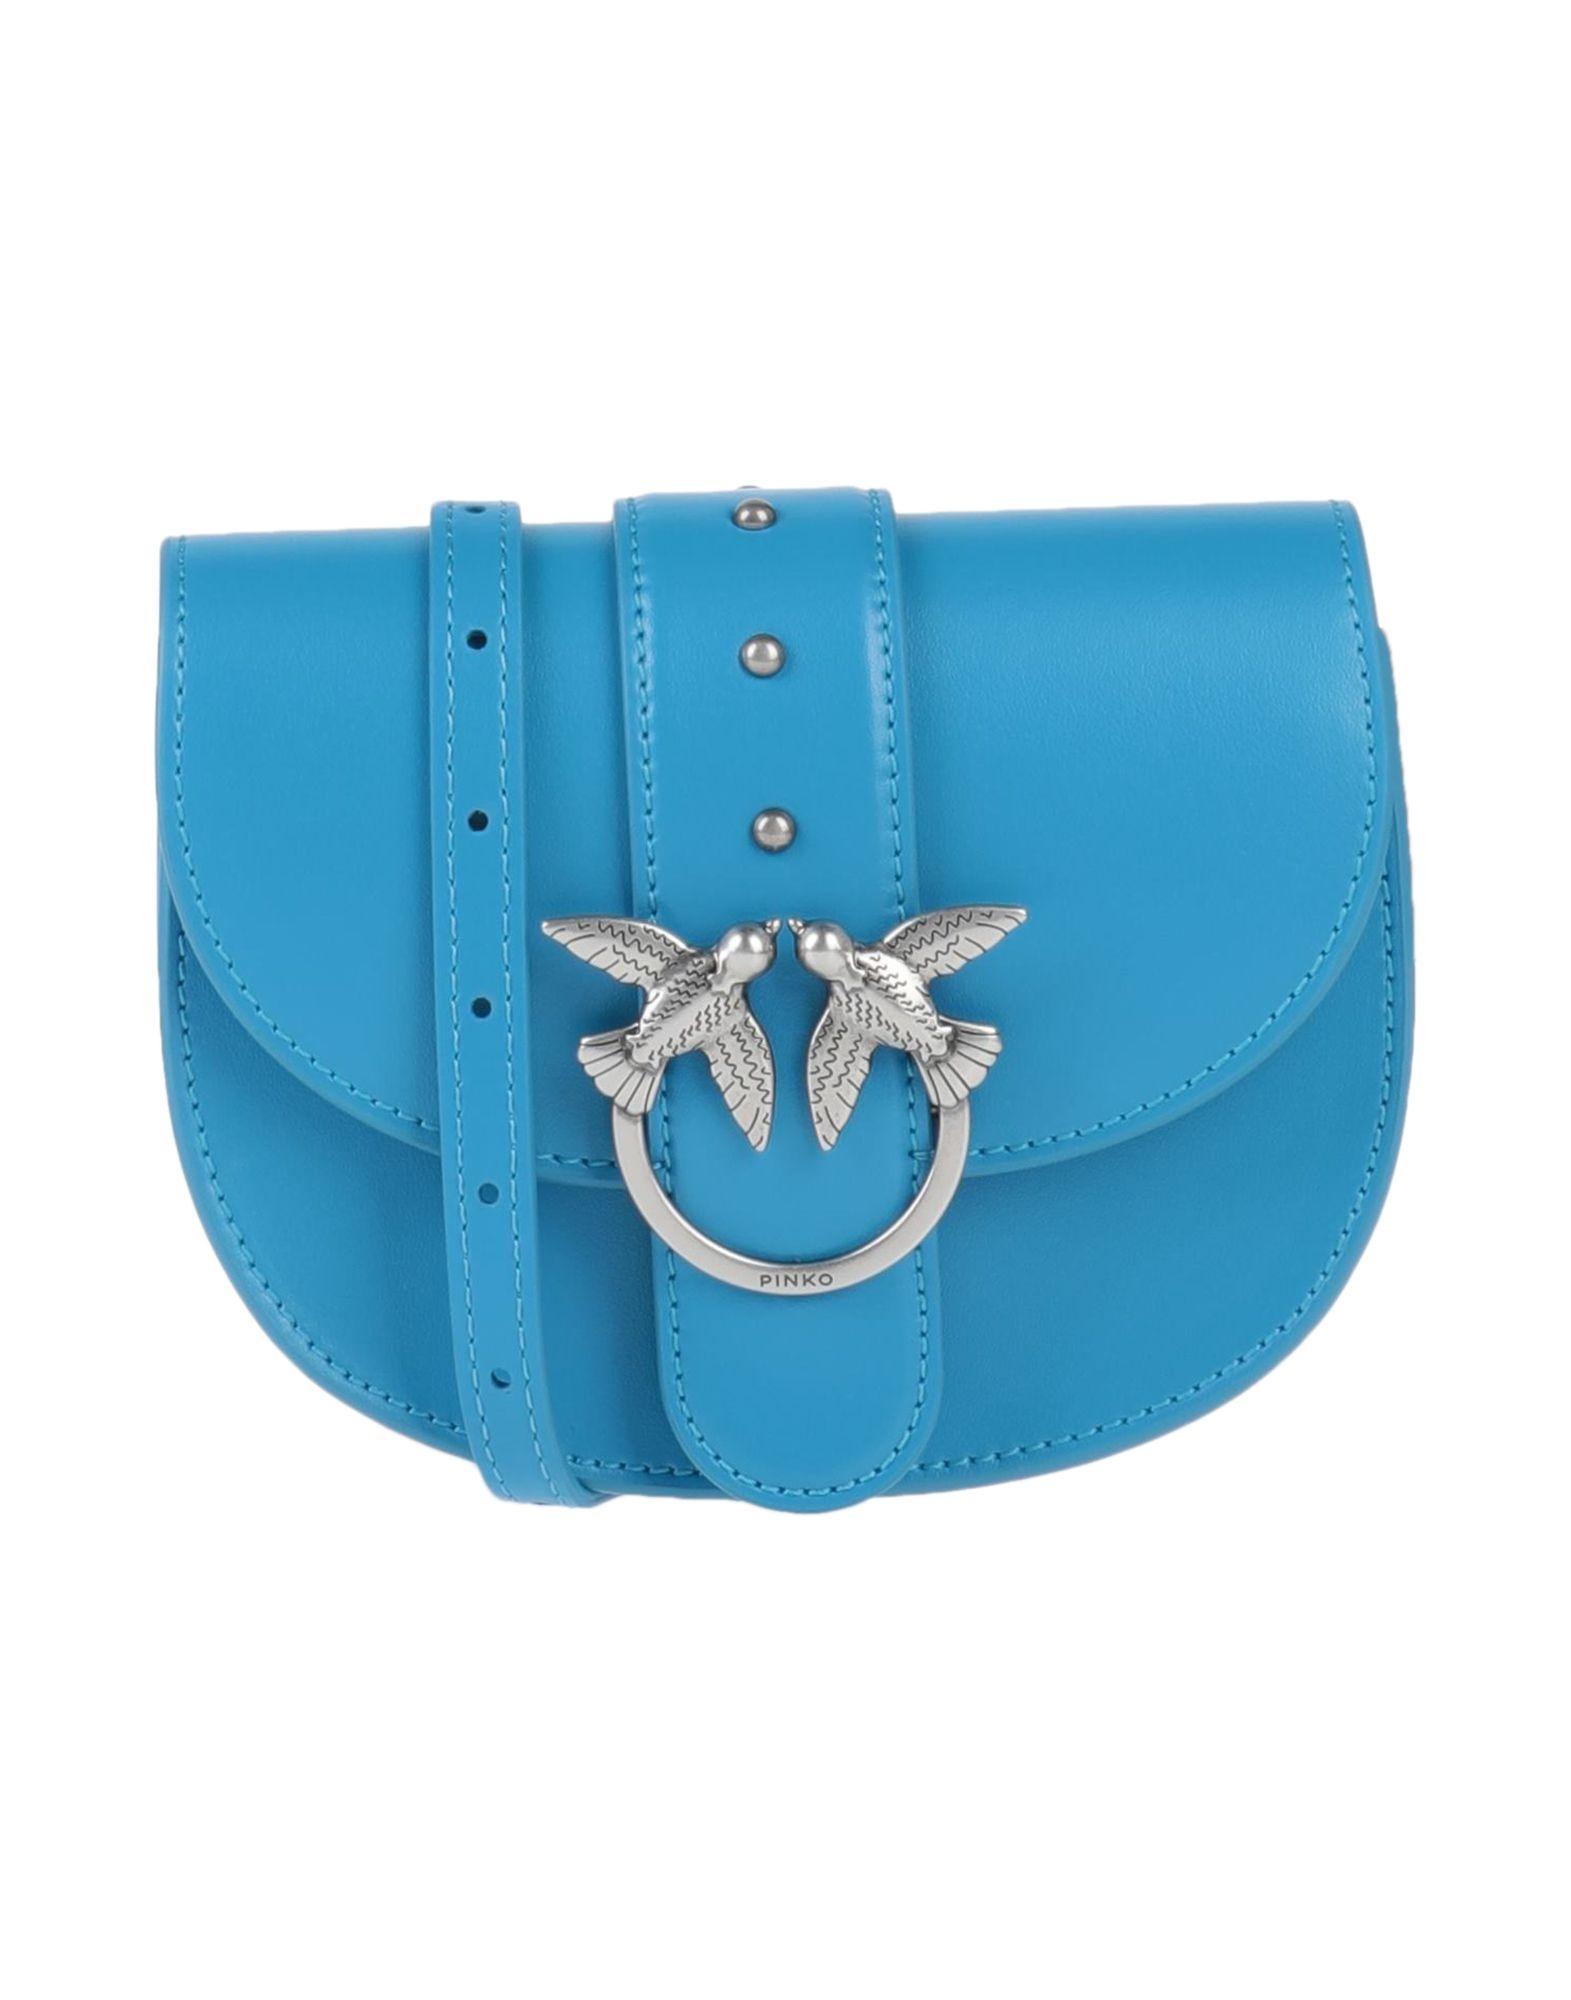 PINKO Shoulder bags - Item 45532131